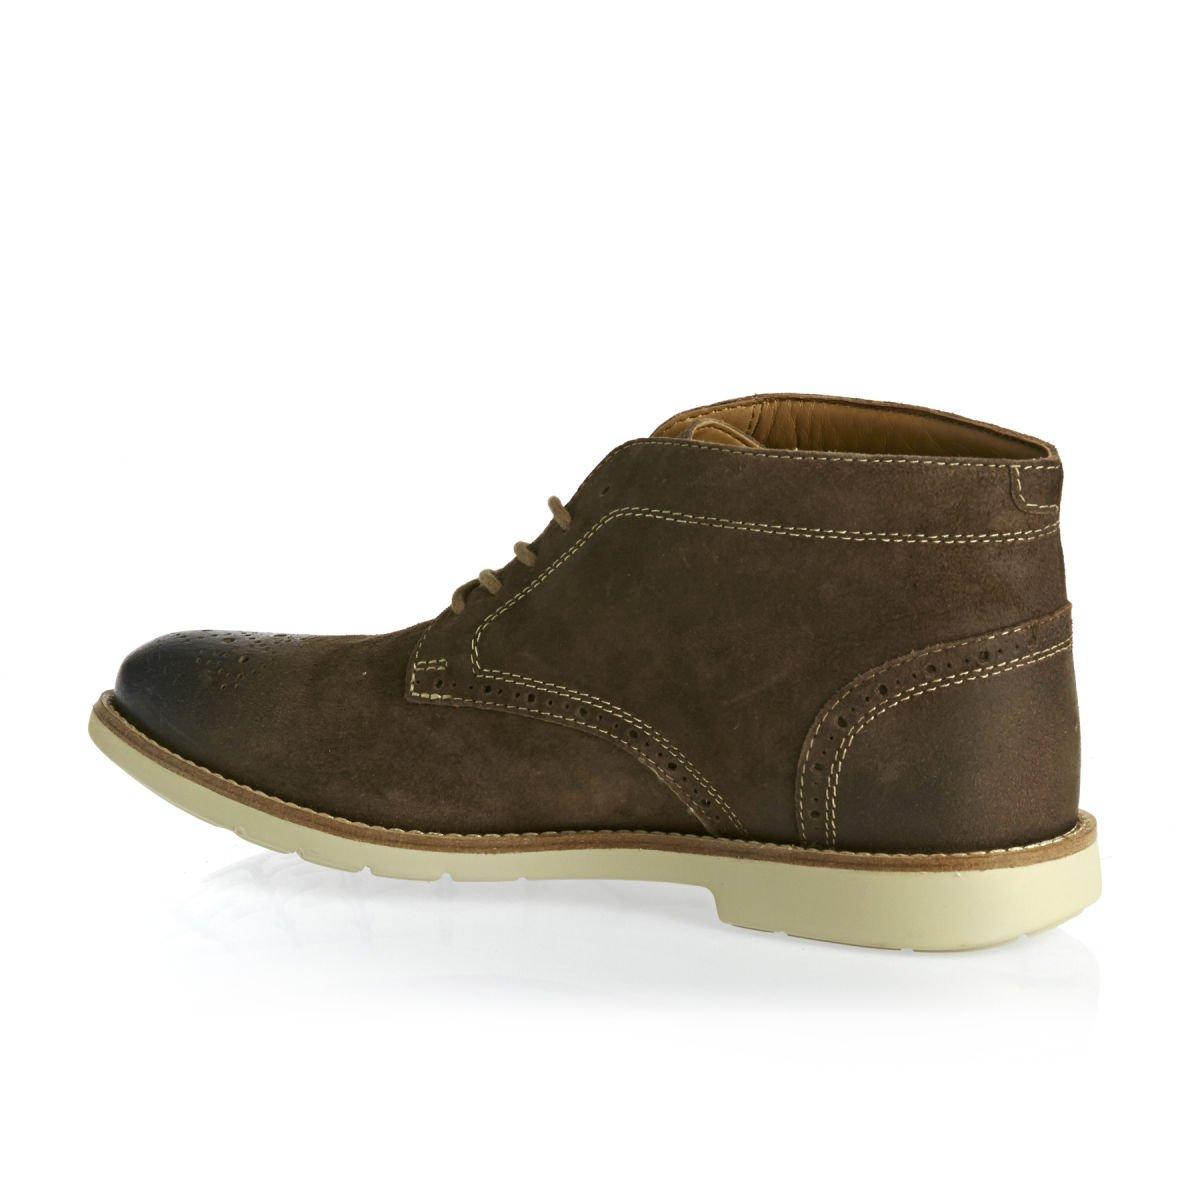 Clarks 26103202 Größe 46 Braun Braun Braun (braun) 1a1f70